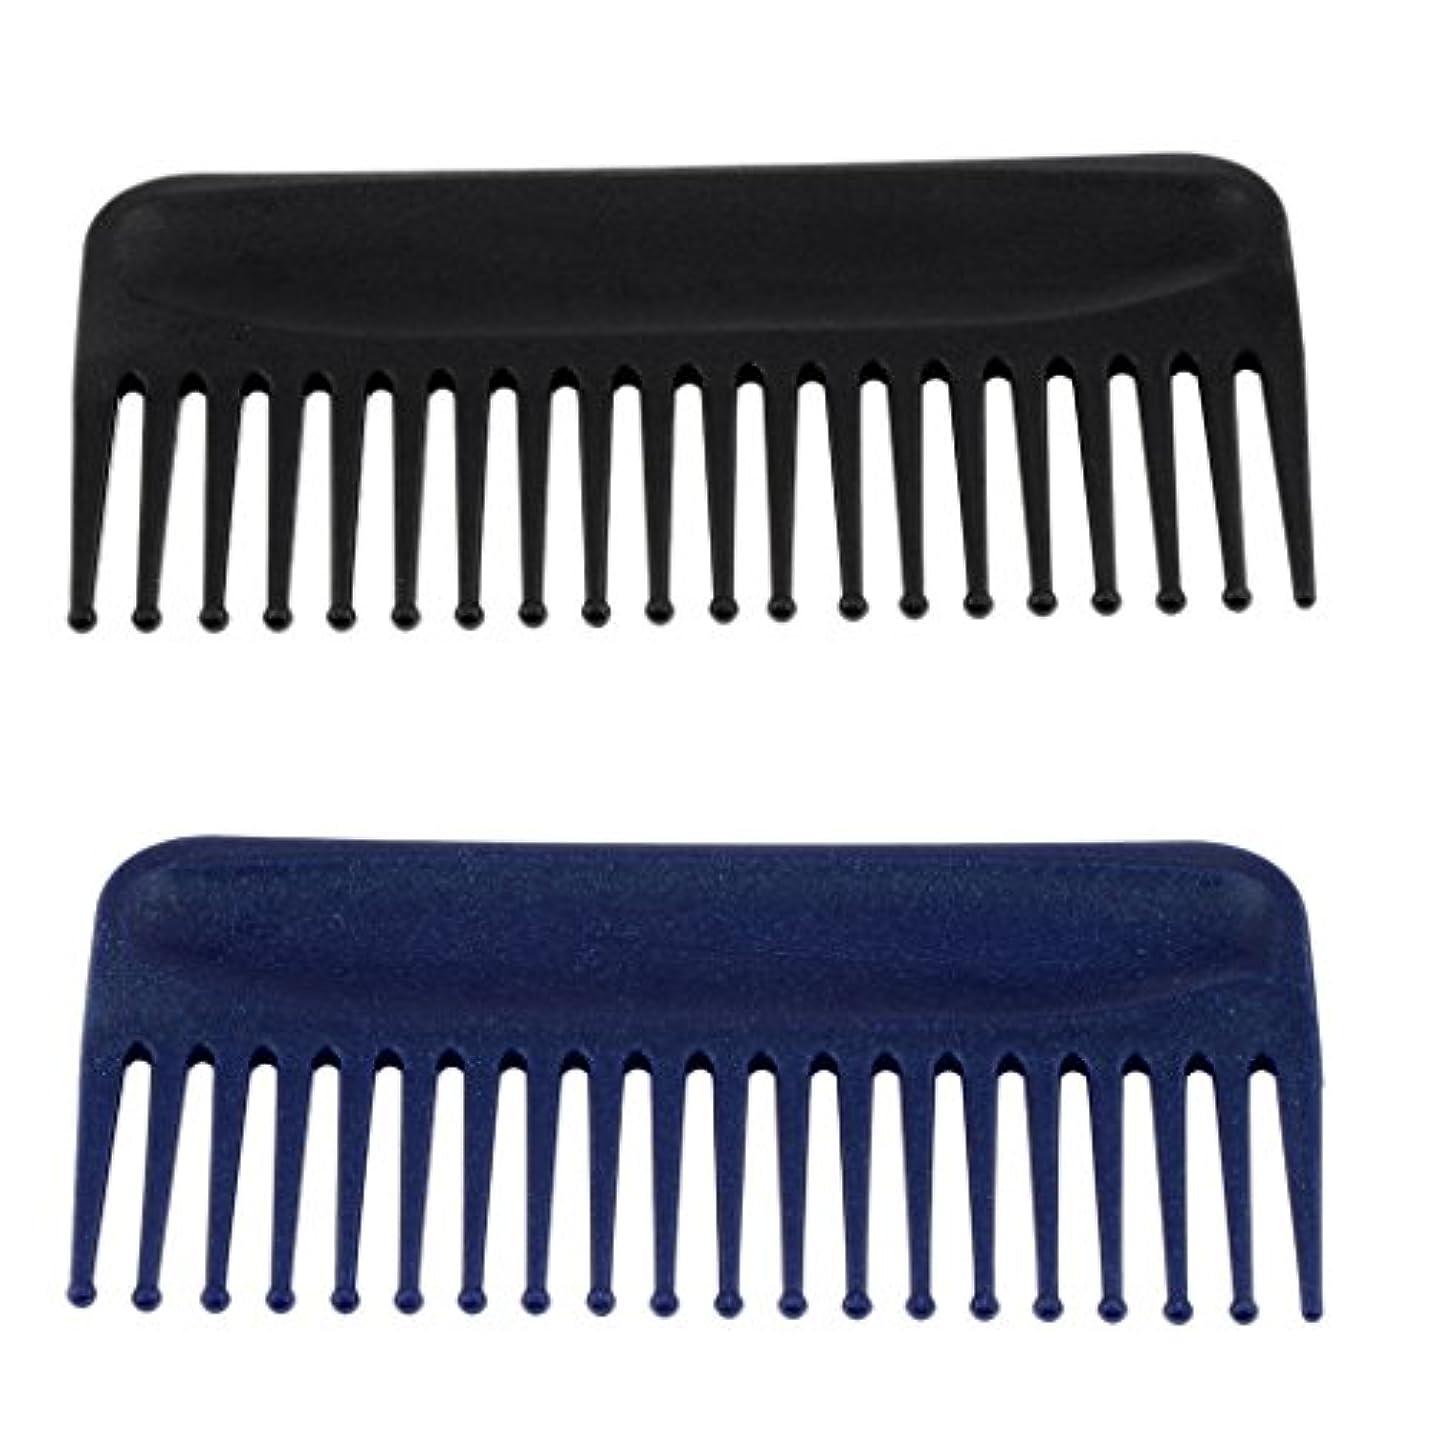 犯人好戦的な急ぐヘアコーム くし 櫛 ヘアブラシ 頭皮マッサージ 静電気防止 美髪ケア 快適 プラスチック製 2個